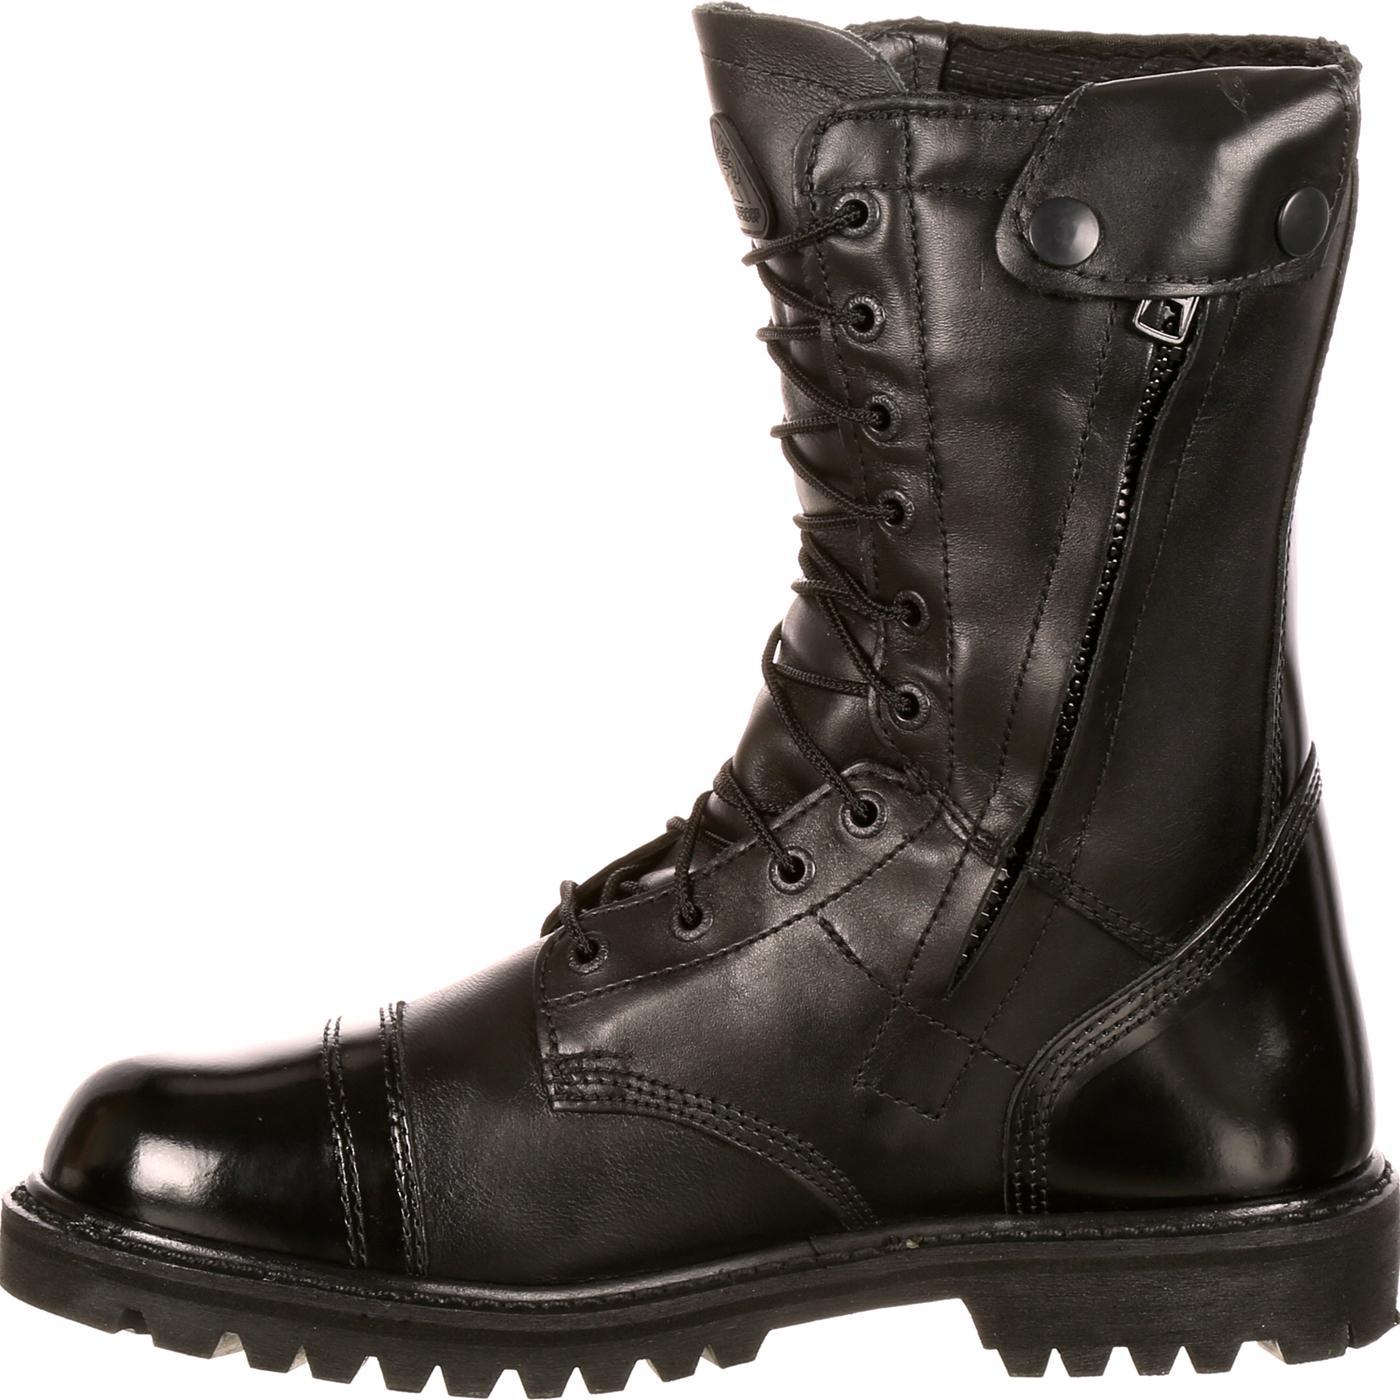 Men S Waterproof Zipper Paratrooper Boots Rocky Fq0002095